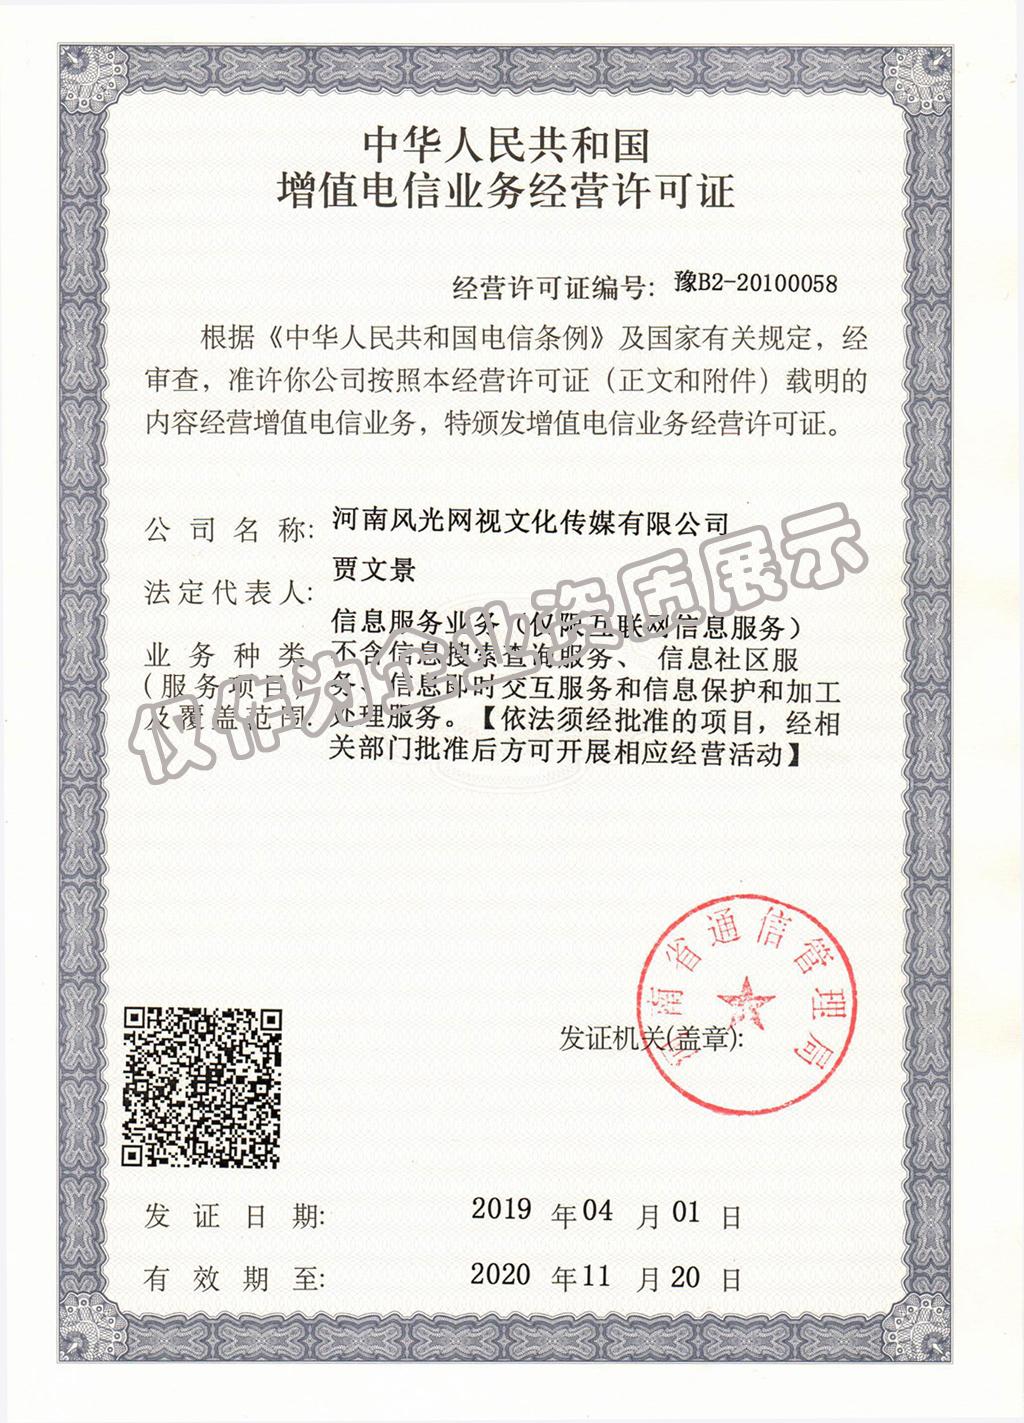 风光网视 - 增值业务许可证